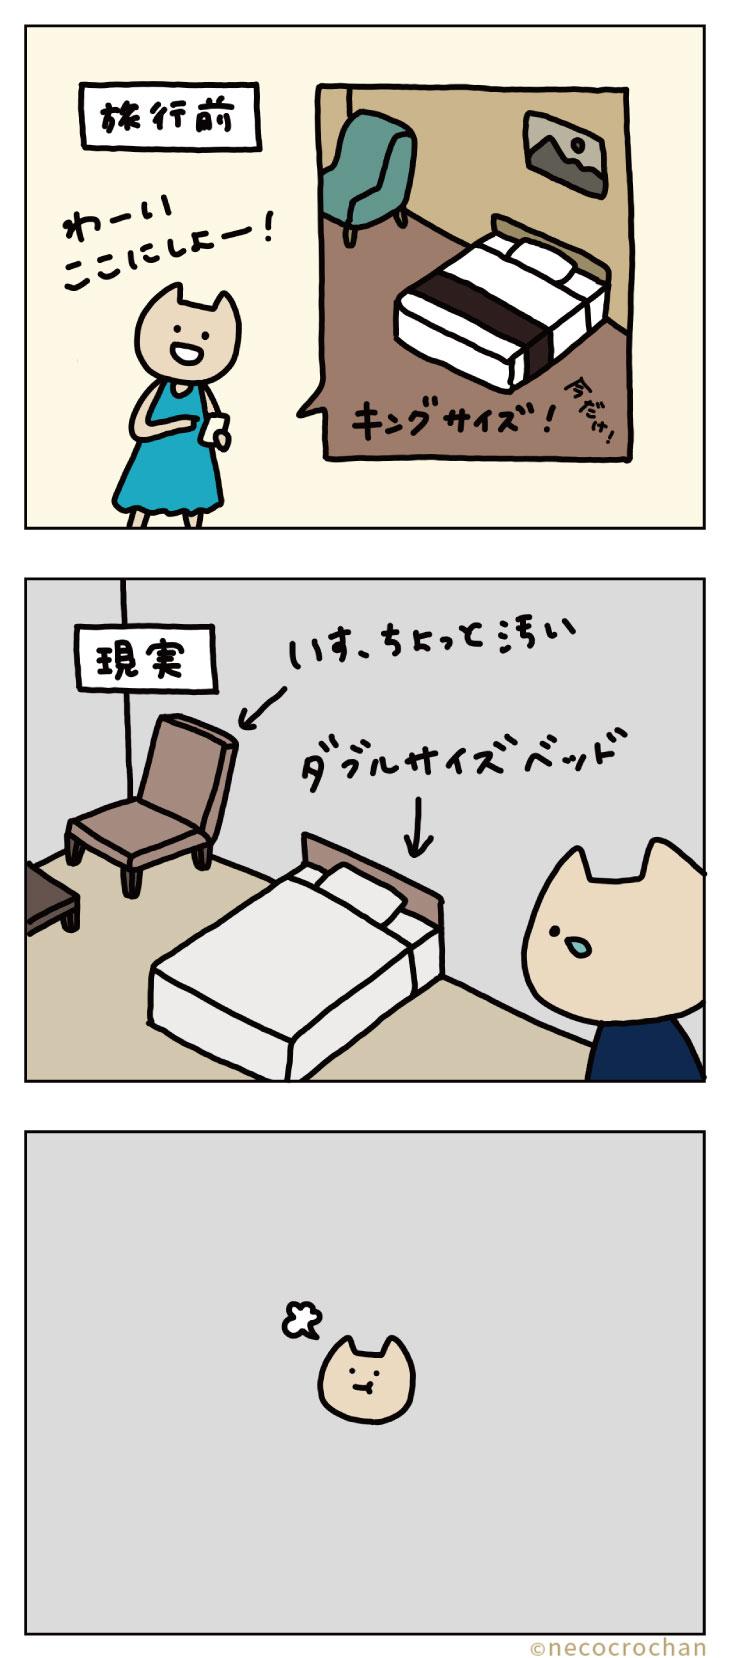 4コマ漫画ねこくろにっき「旅行〜ホテル〜」